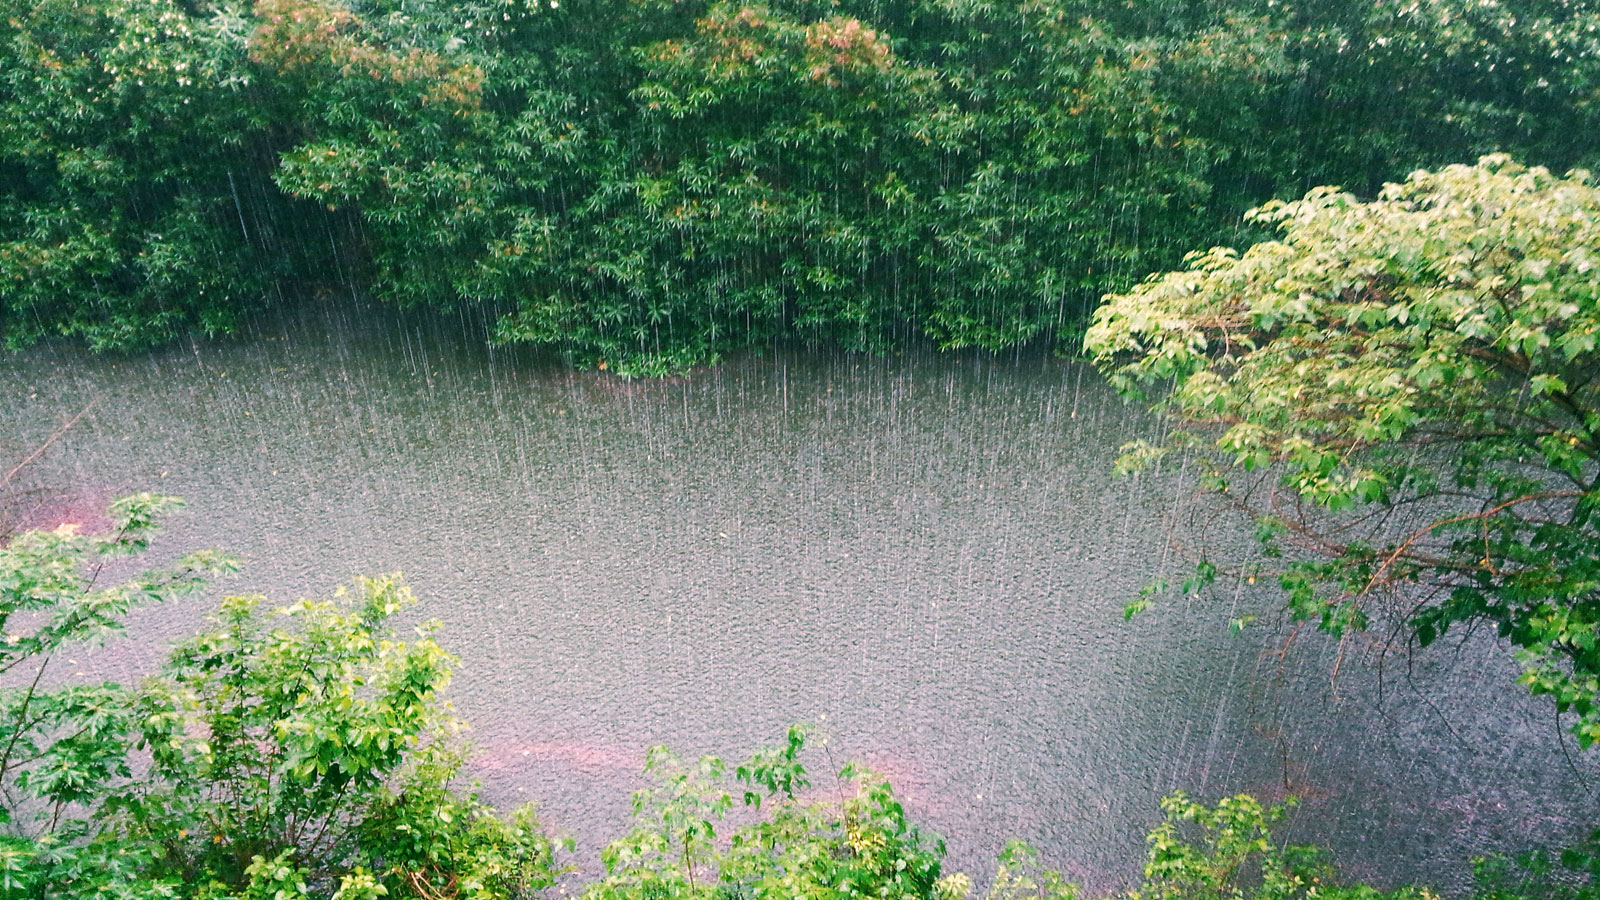 Downpour of rain image